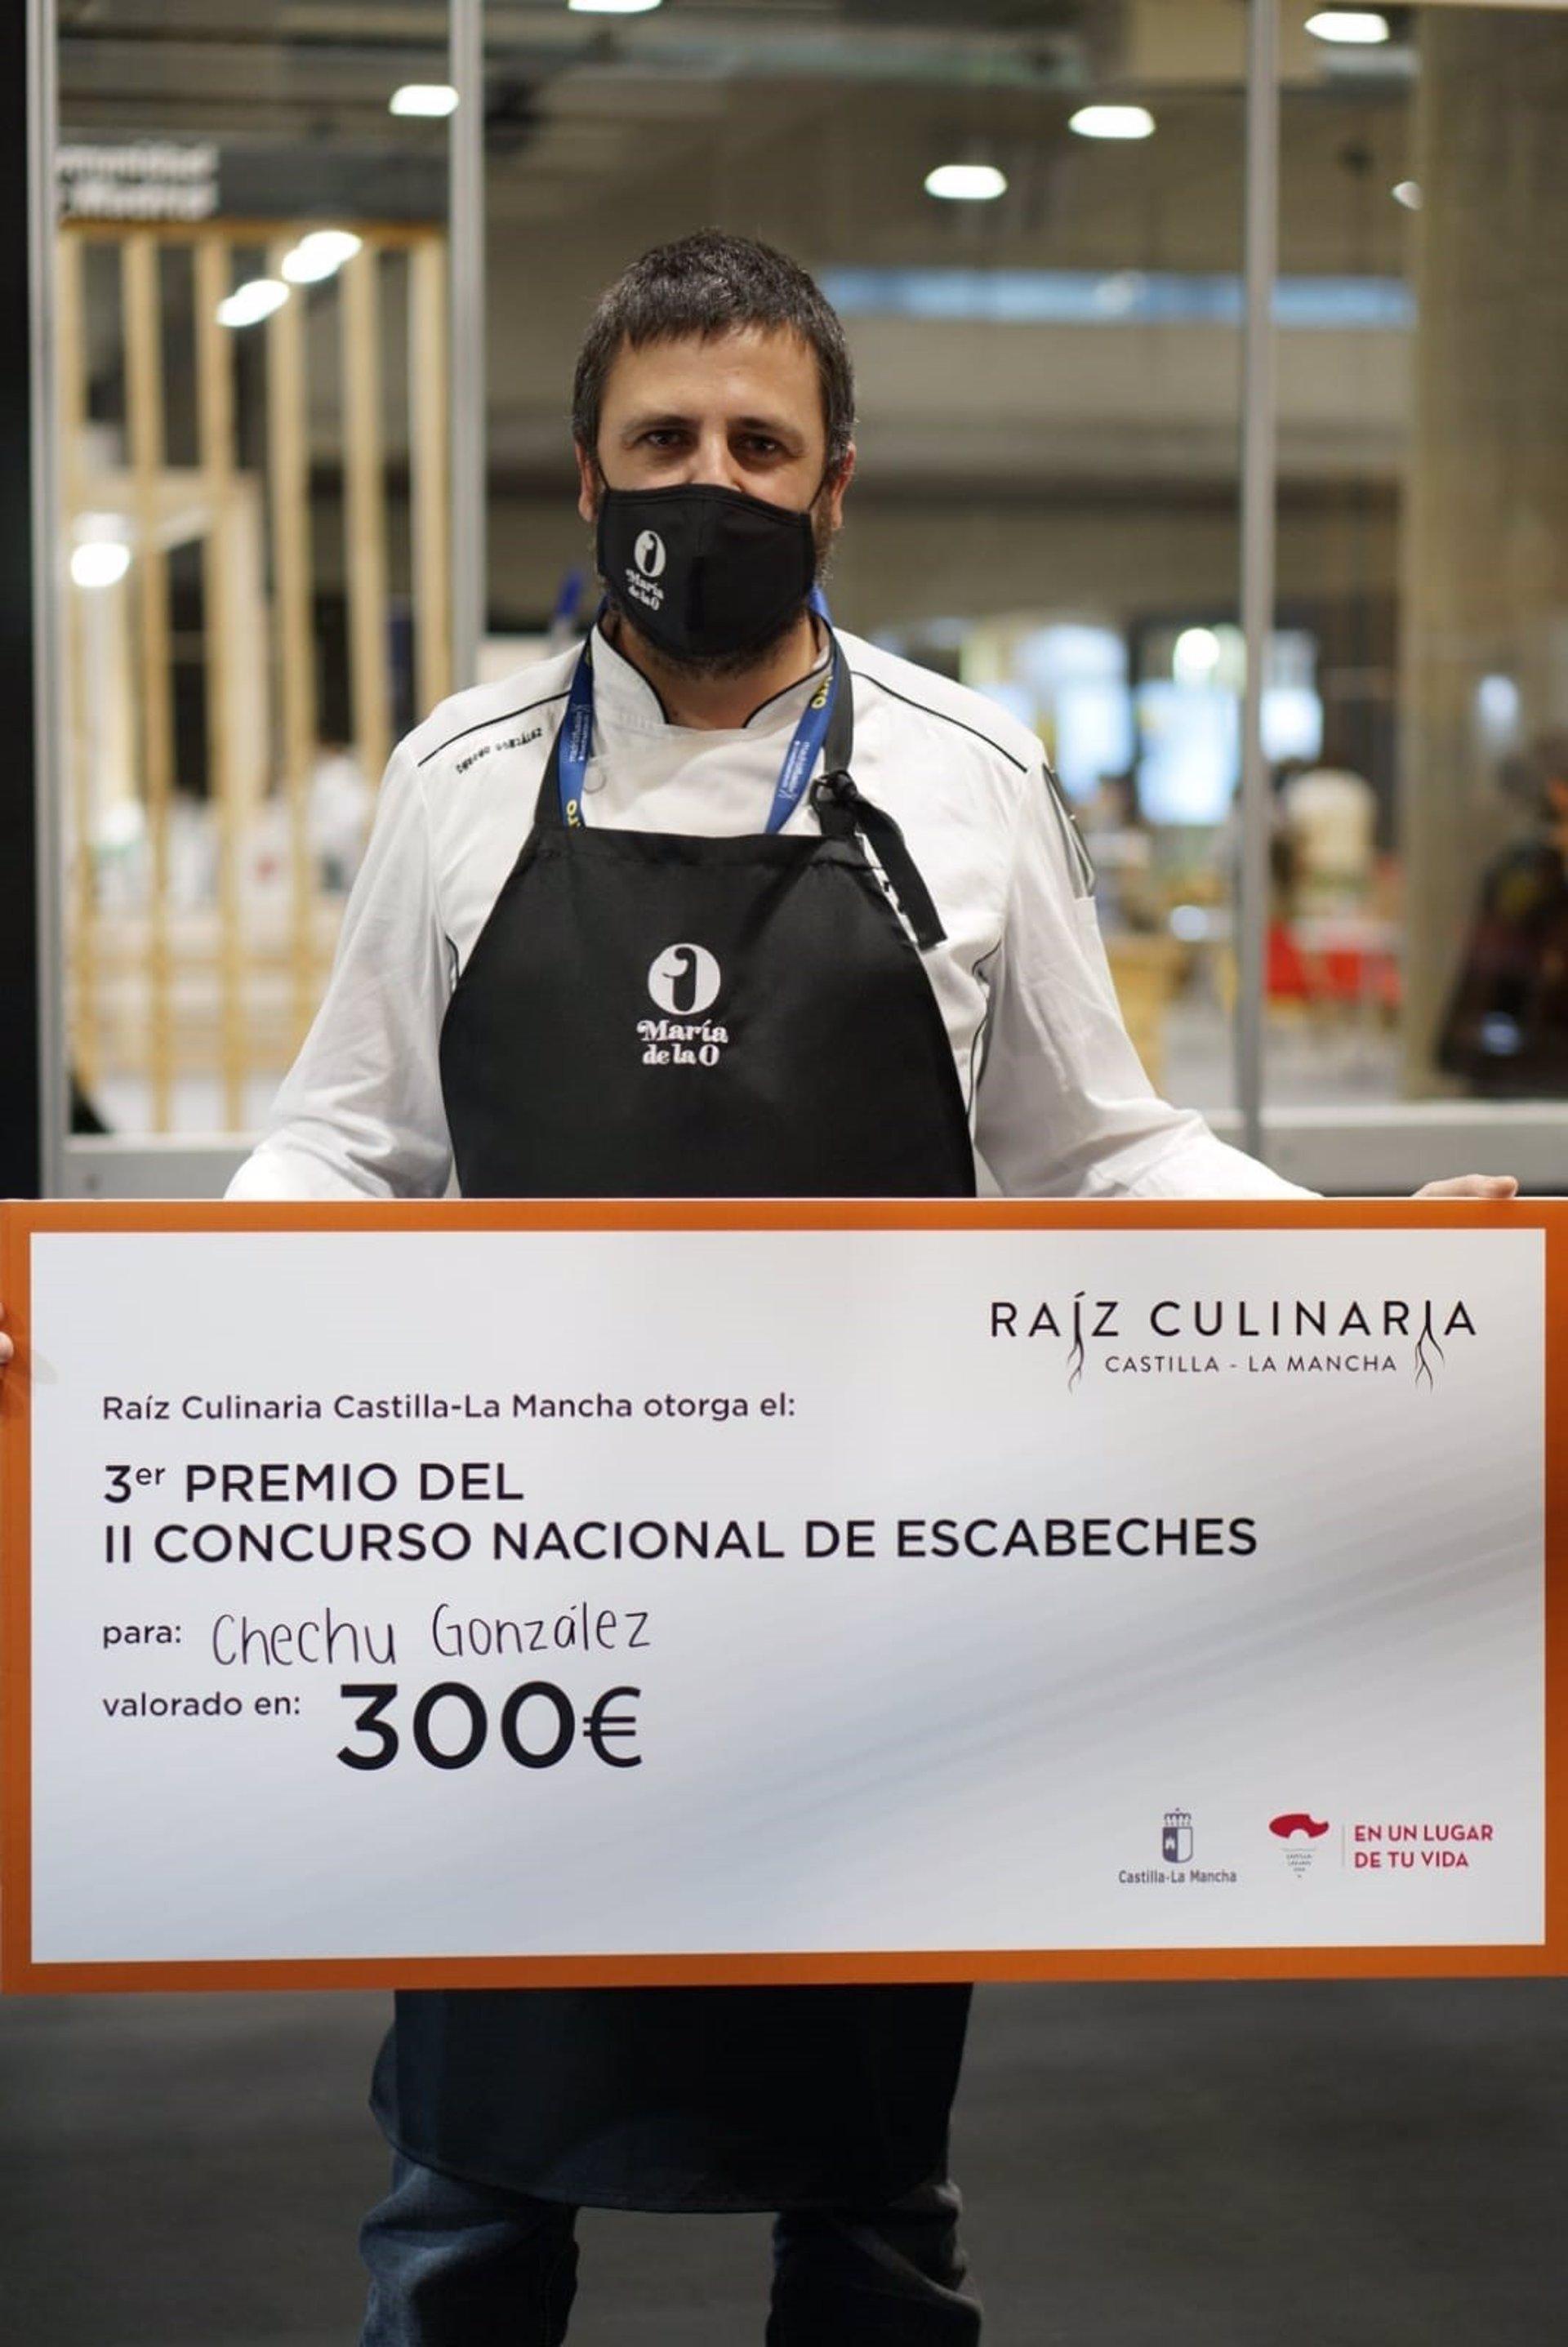 Chechu González, chef de María de la O, obtiene el tercer premio en el Concurso Nacional de Escabeches